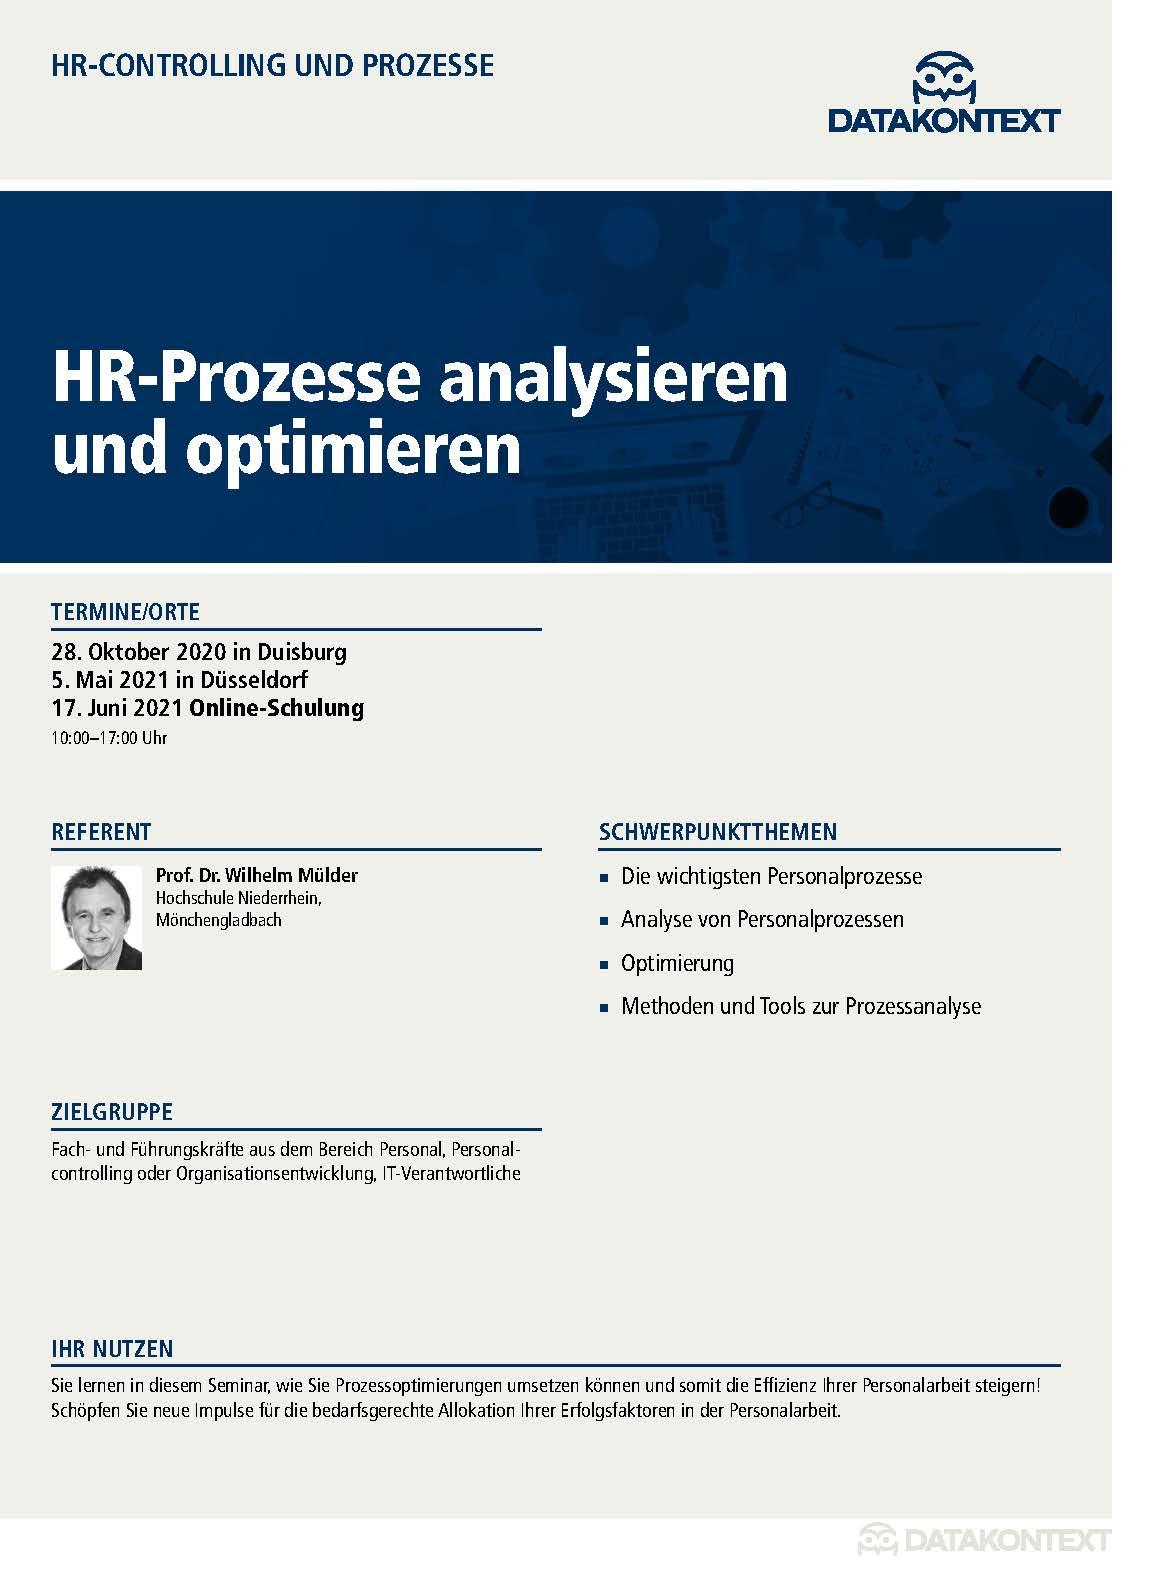 HR-Prozesse analysieren und optimieren